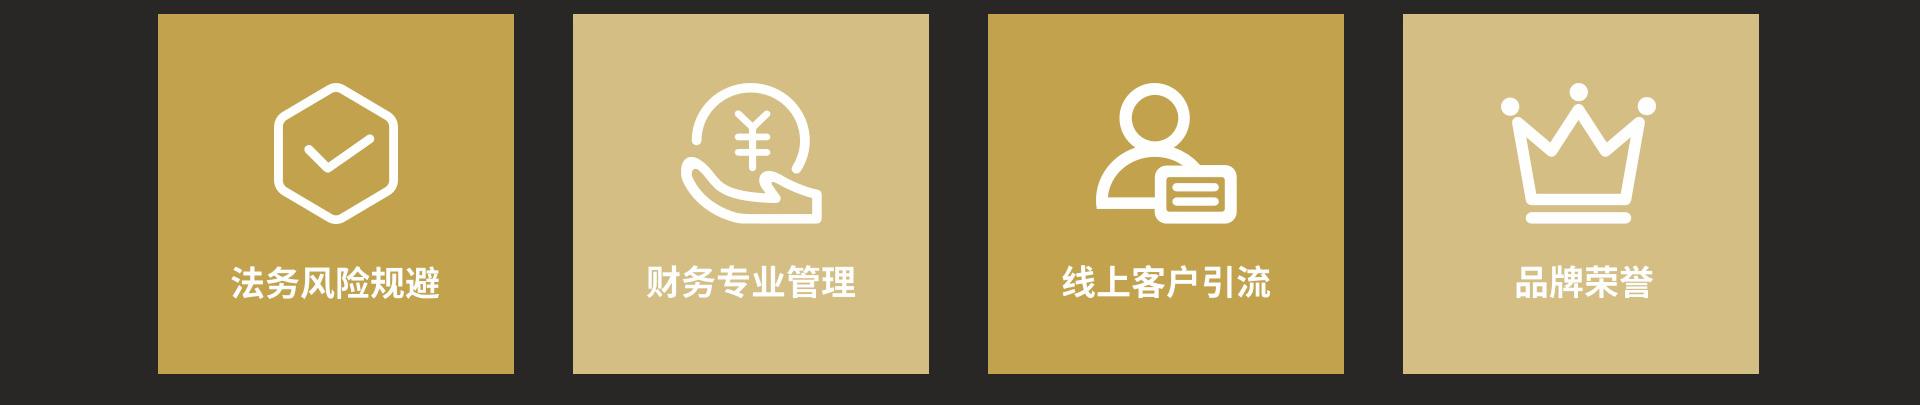 天鹅恋酒店PC_07